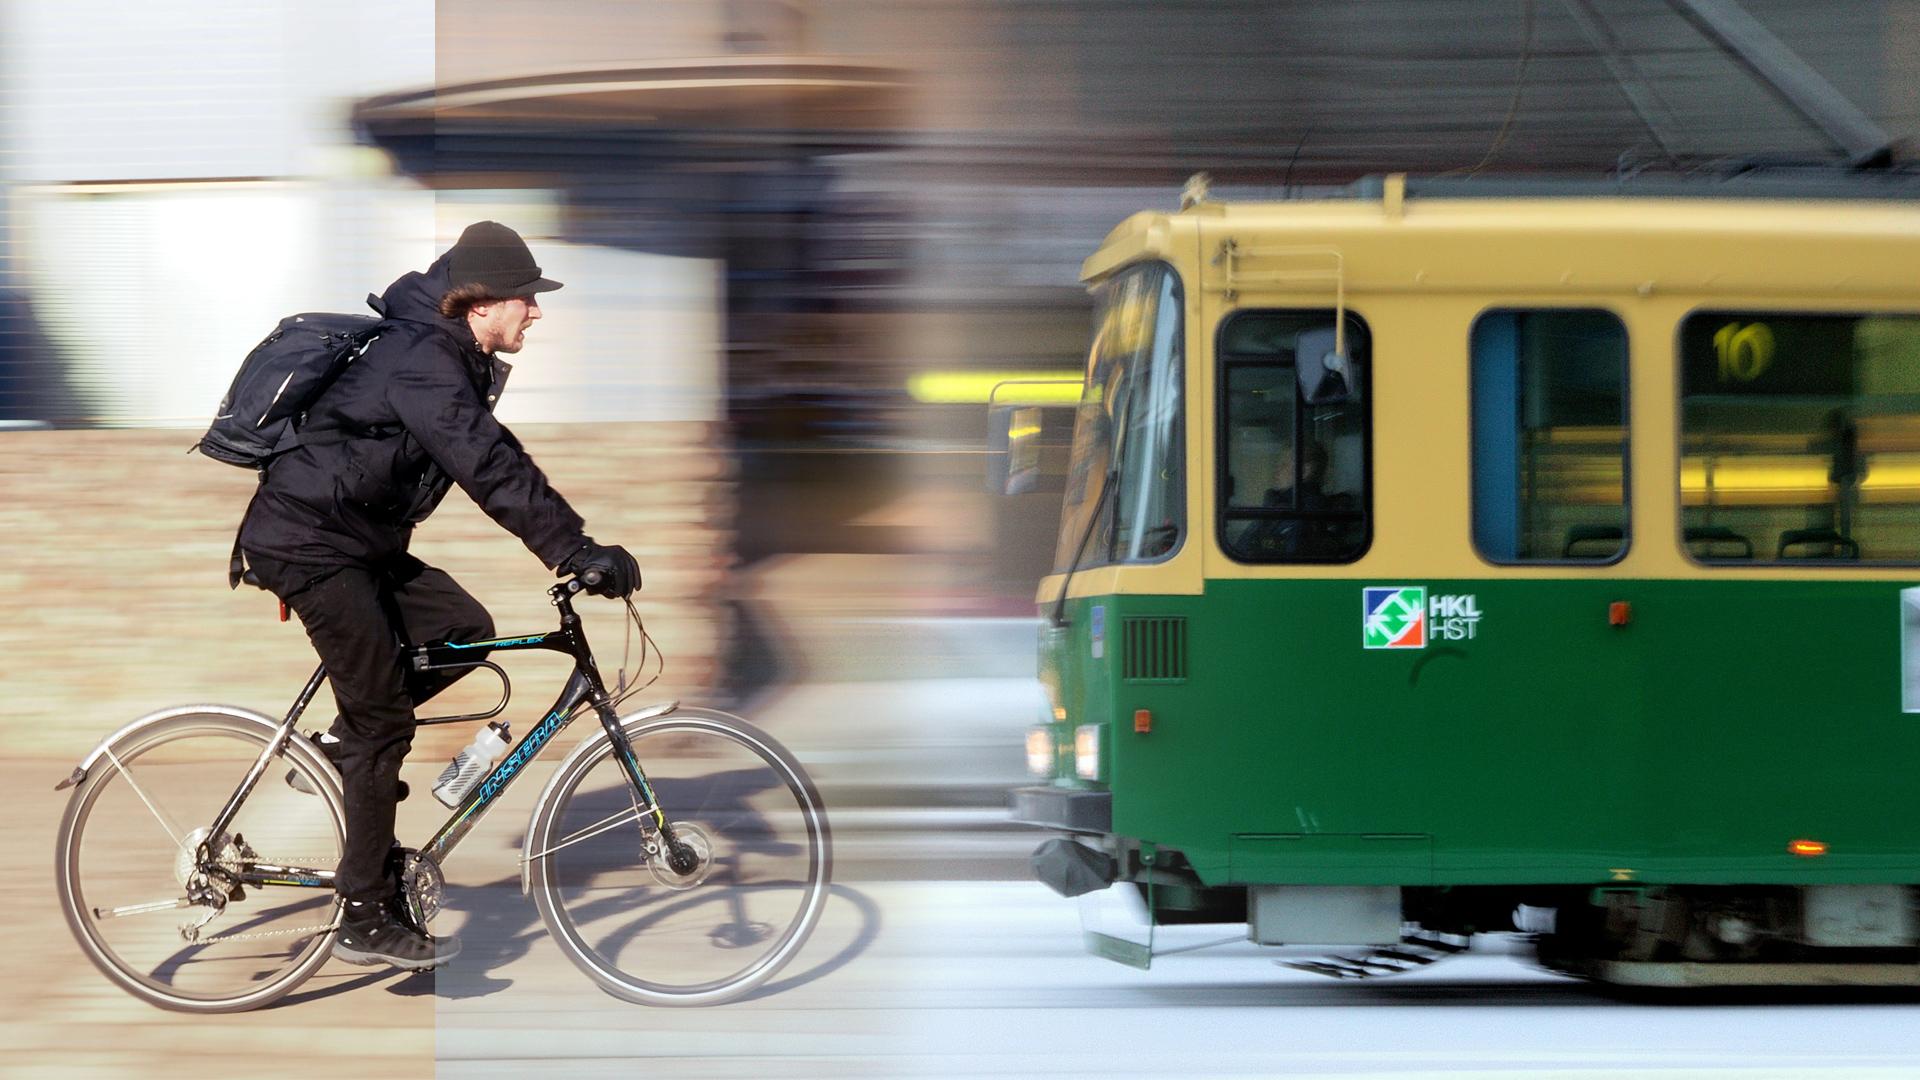 Liikennettä Helsingissä. Kuvat: Lauri Koponen ja Atte Koskimaa (flickr)